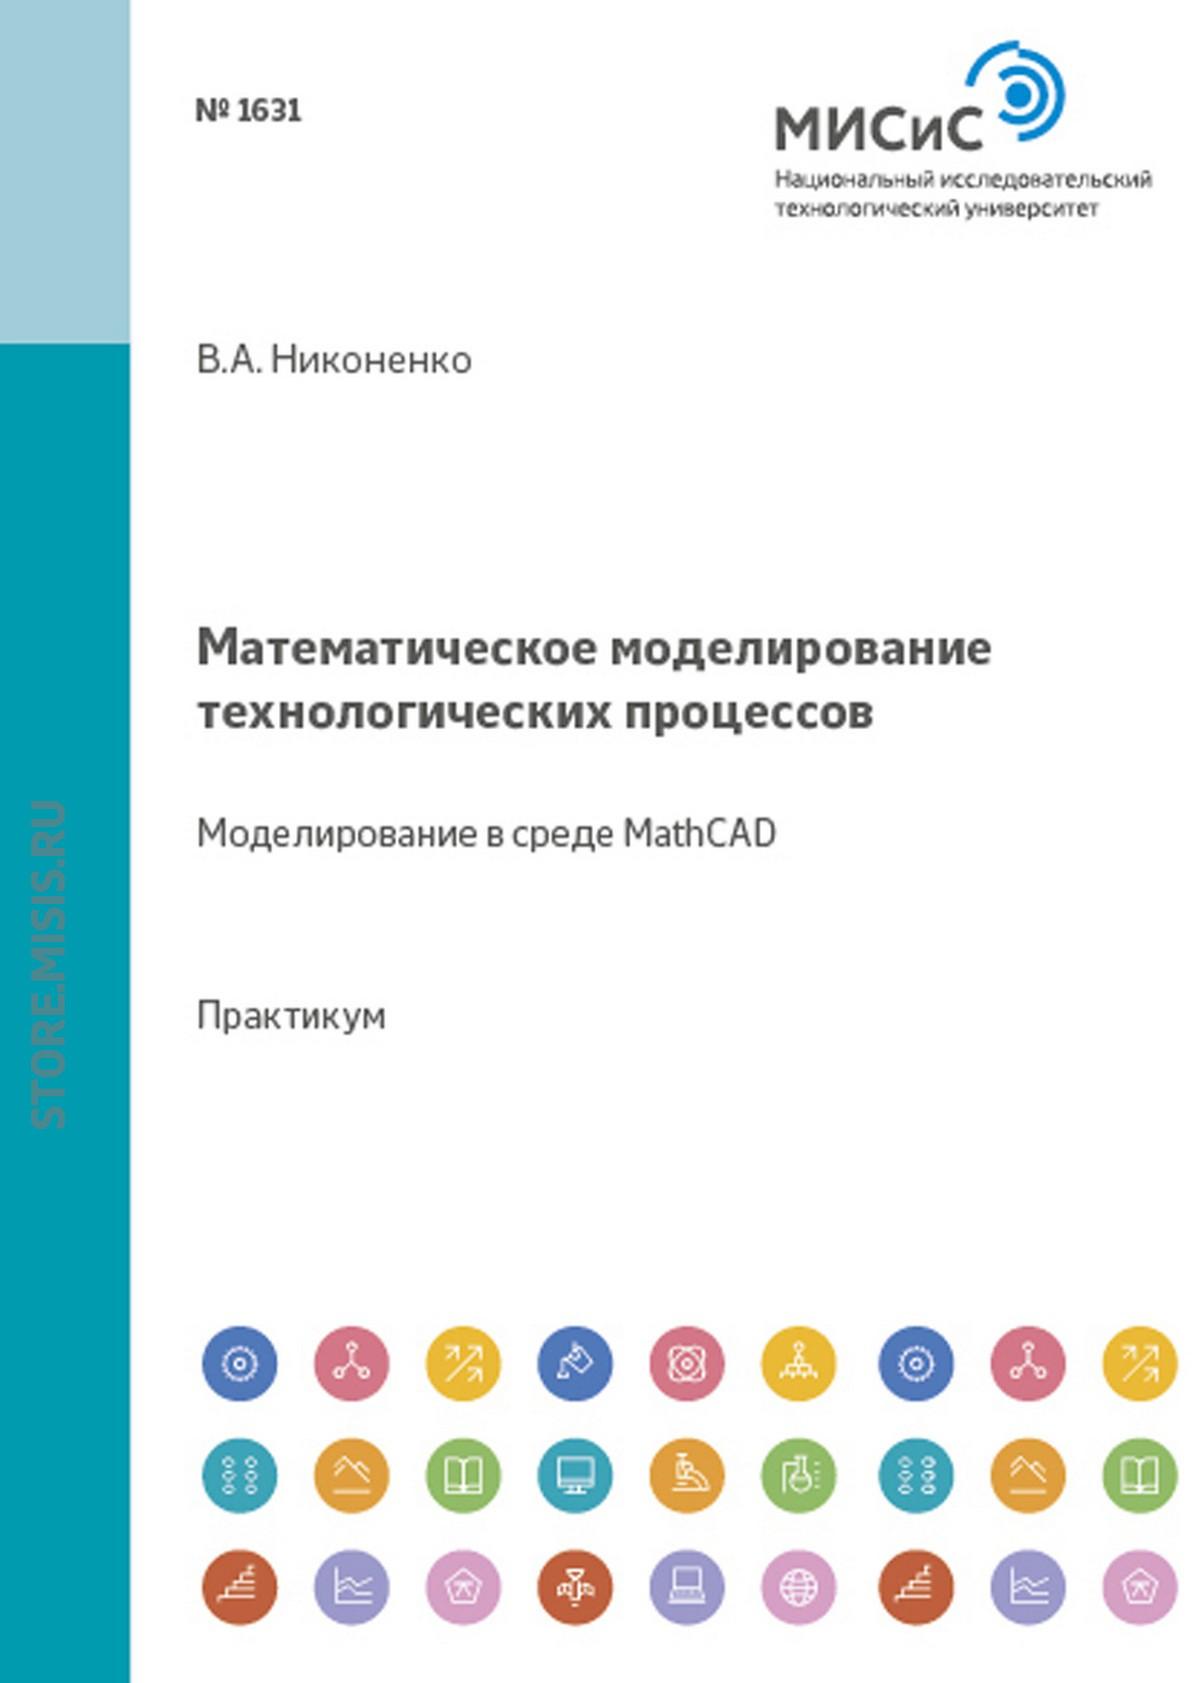 Виктор Никоненко Математическое моделирование технологических процессов. Моделирование в среде MathCAD эдуард зальцман математическое моделирование тепловых процессов в отливках и формах